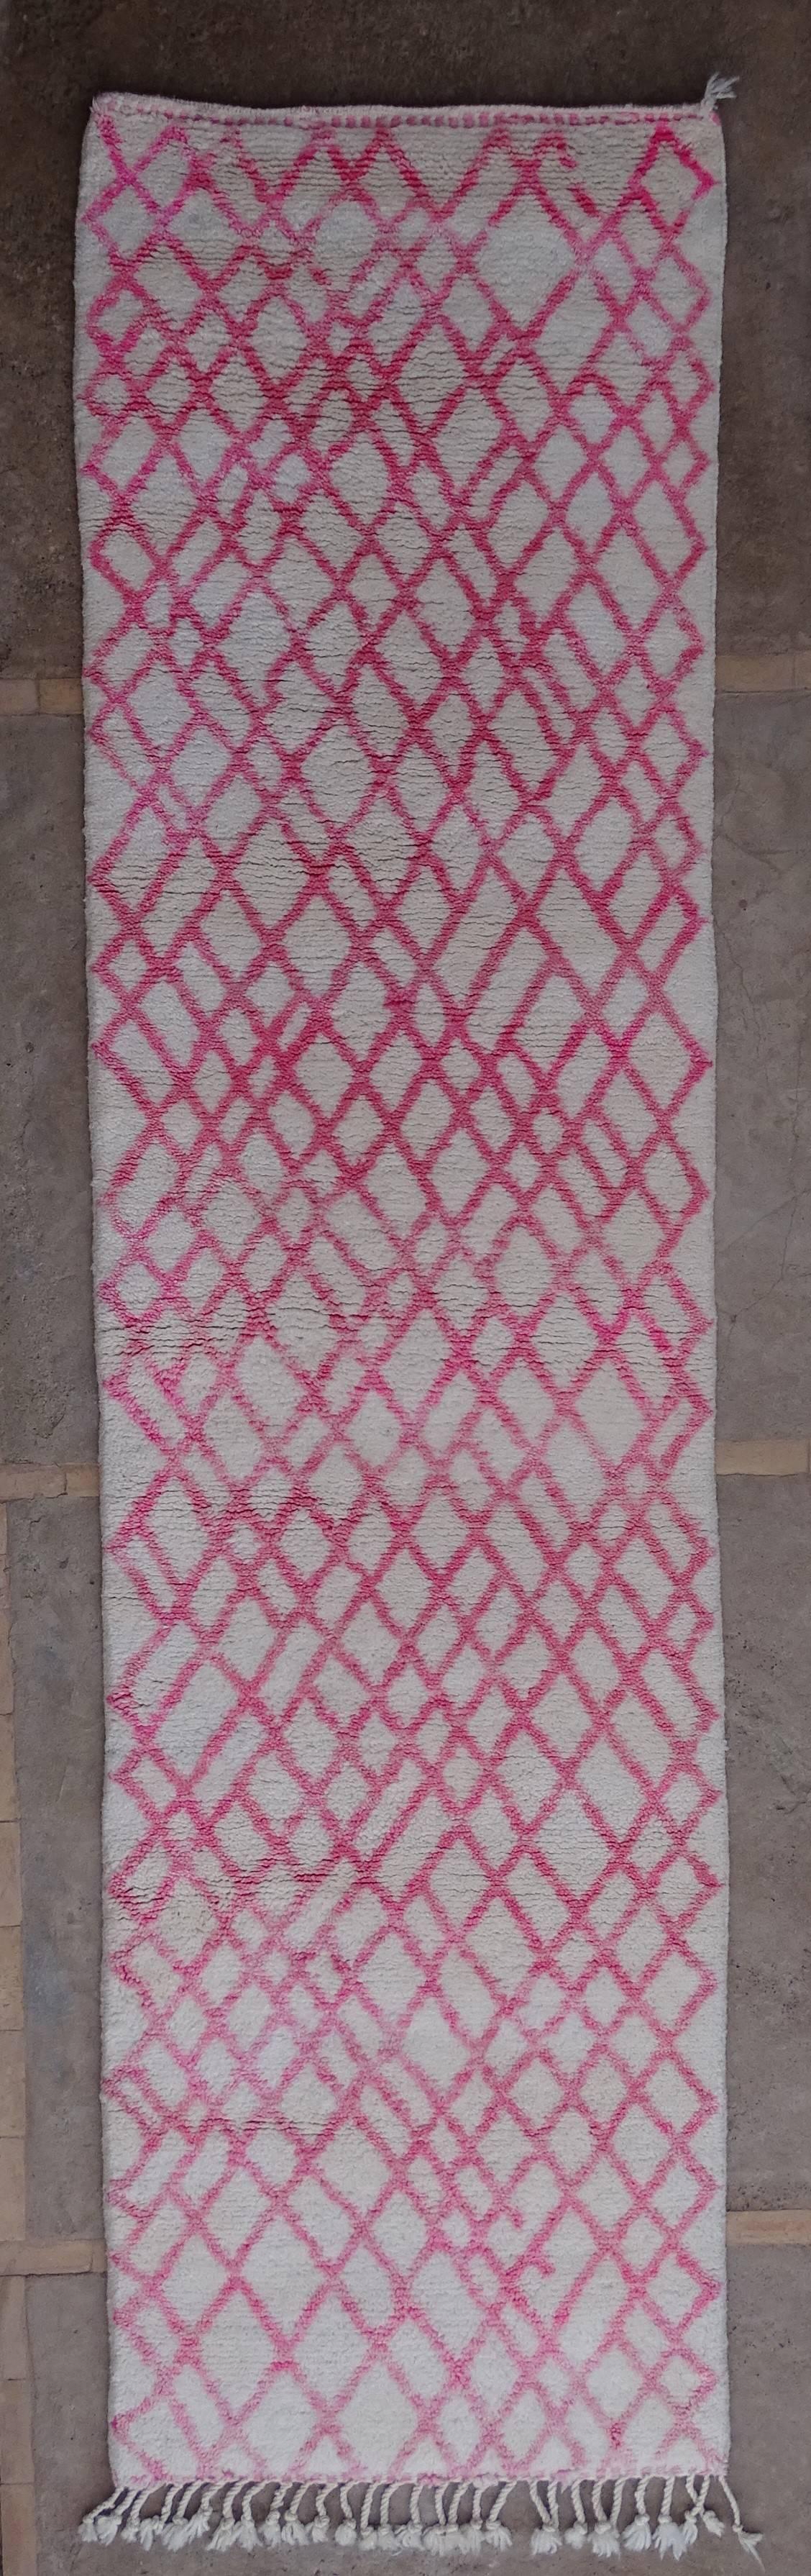 Korridor Wollteppiche MR43020